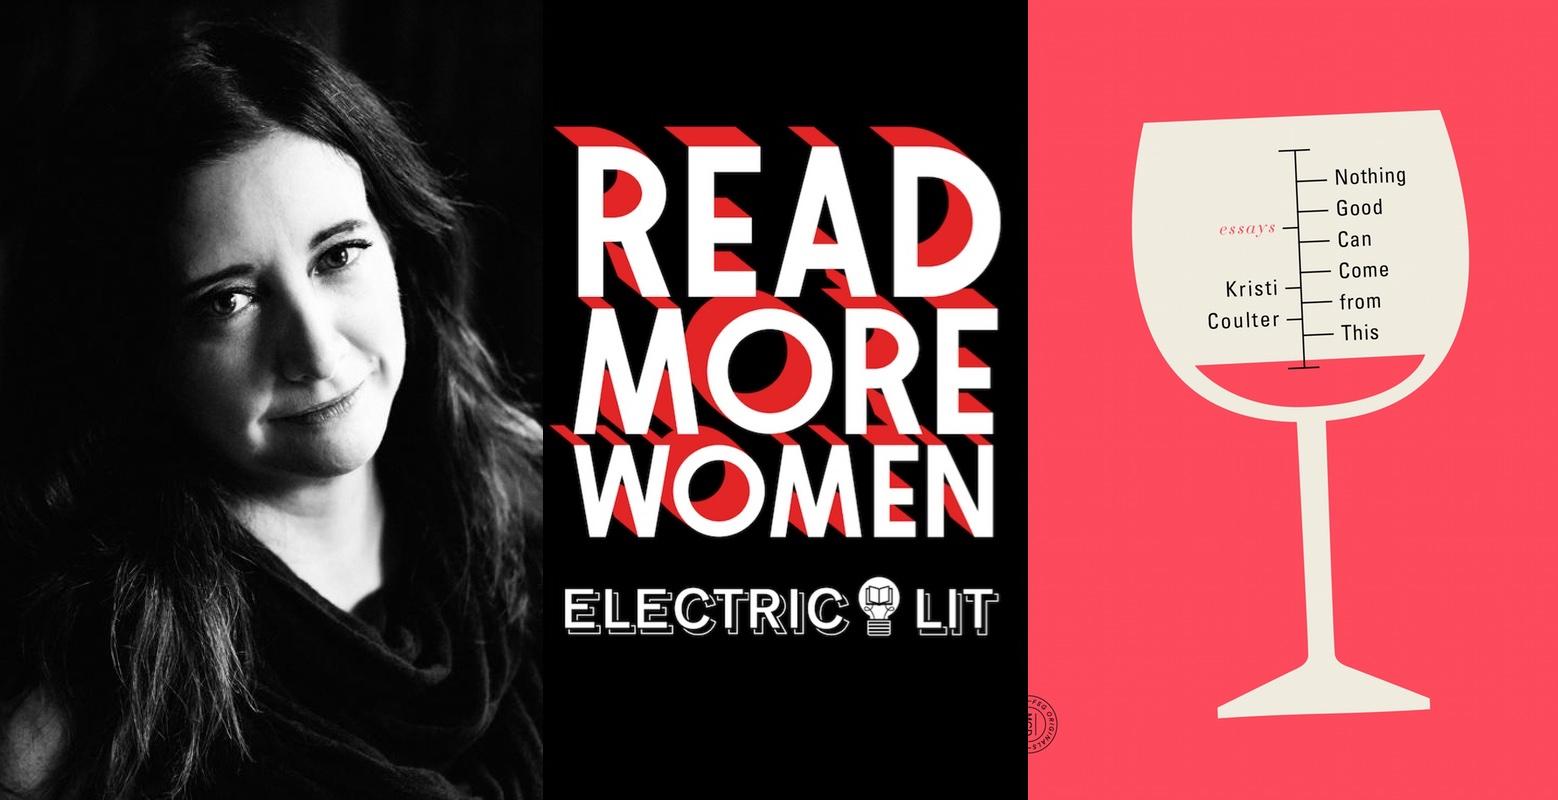 Electric Literature - Electric Literature